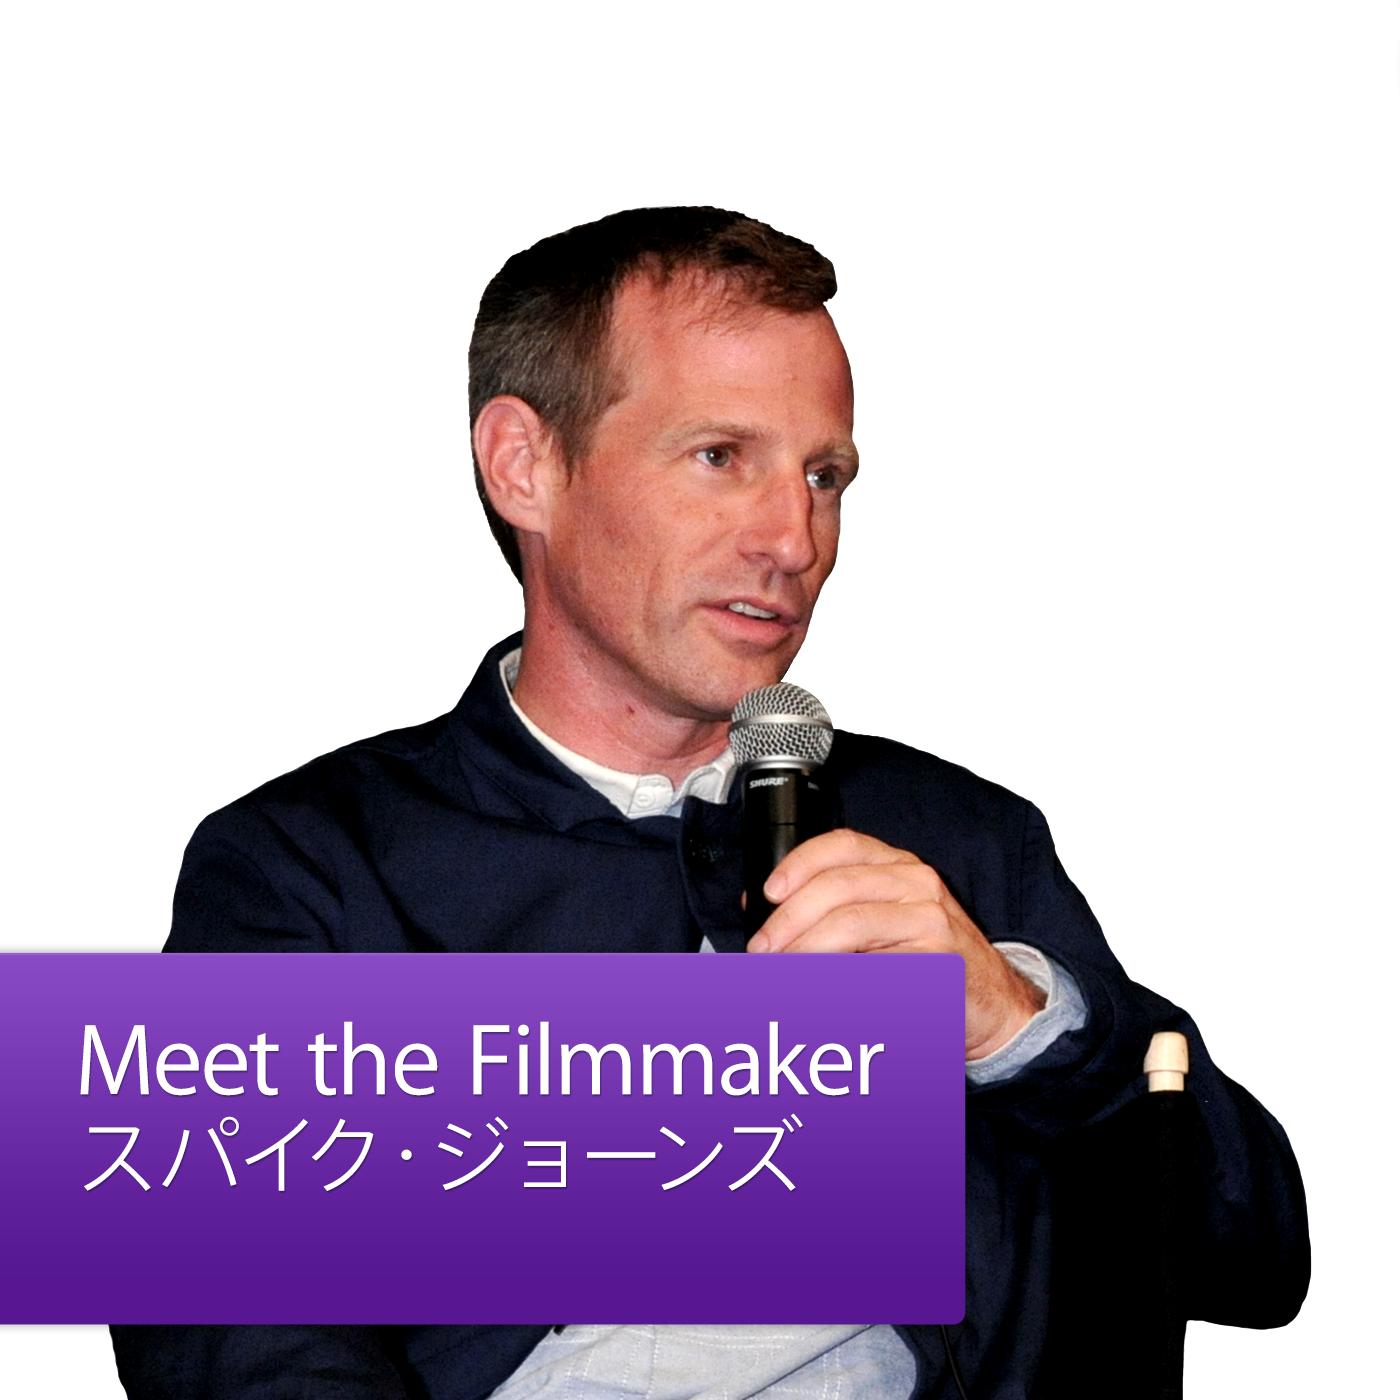 スパイク・ジョーンズ : Meet the Filmmaker